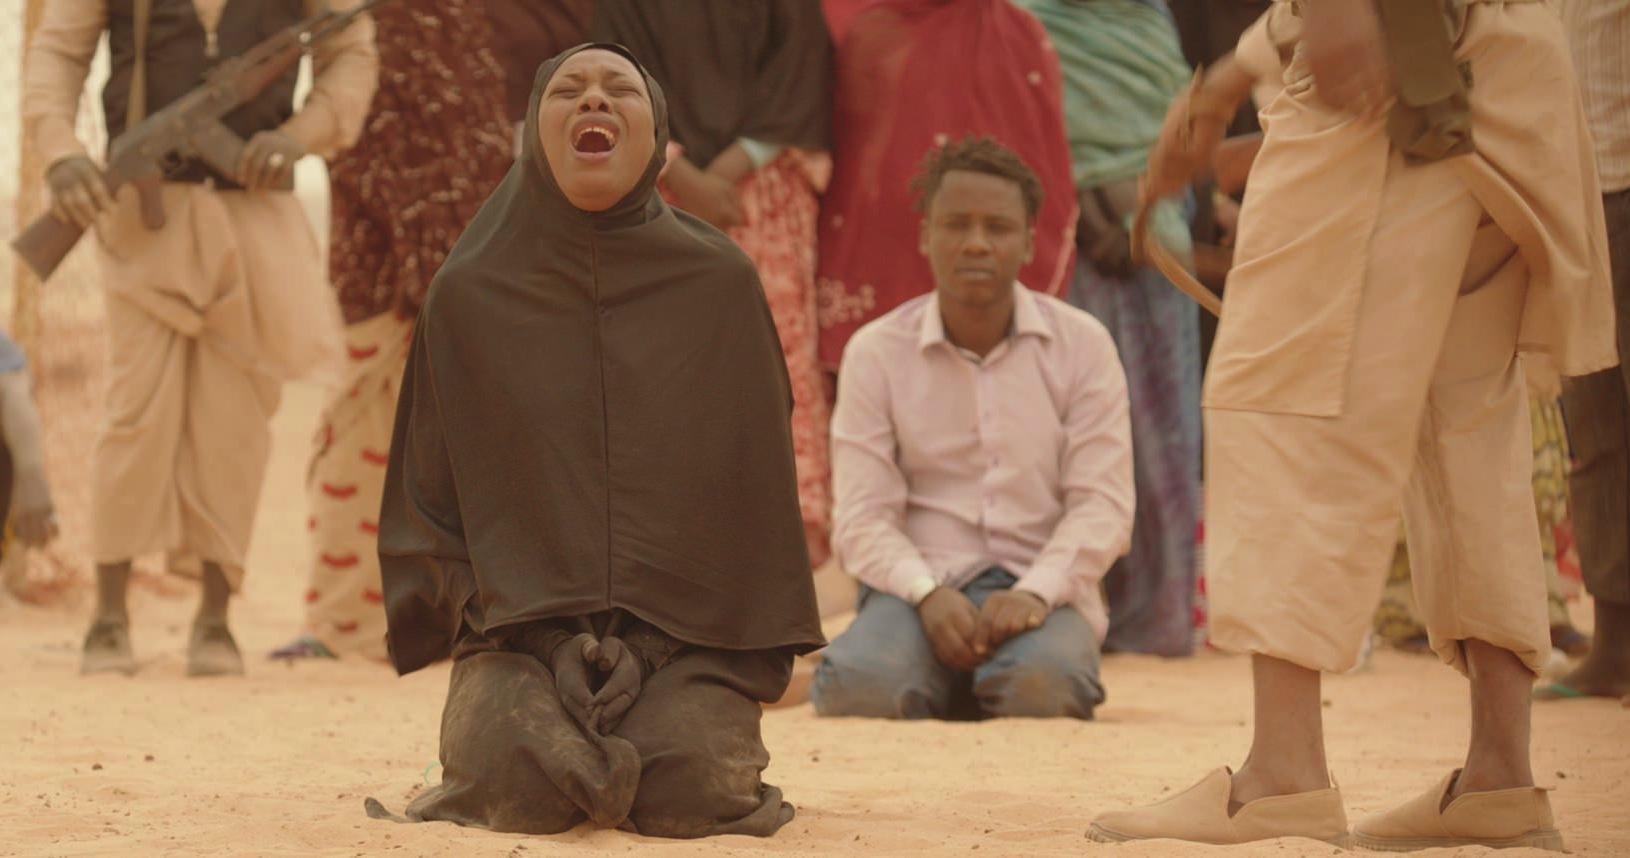 Timbuktu stoning.jpg